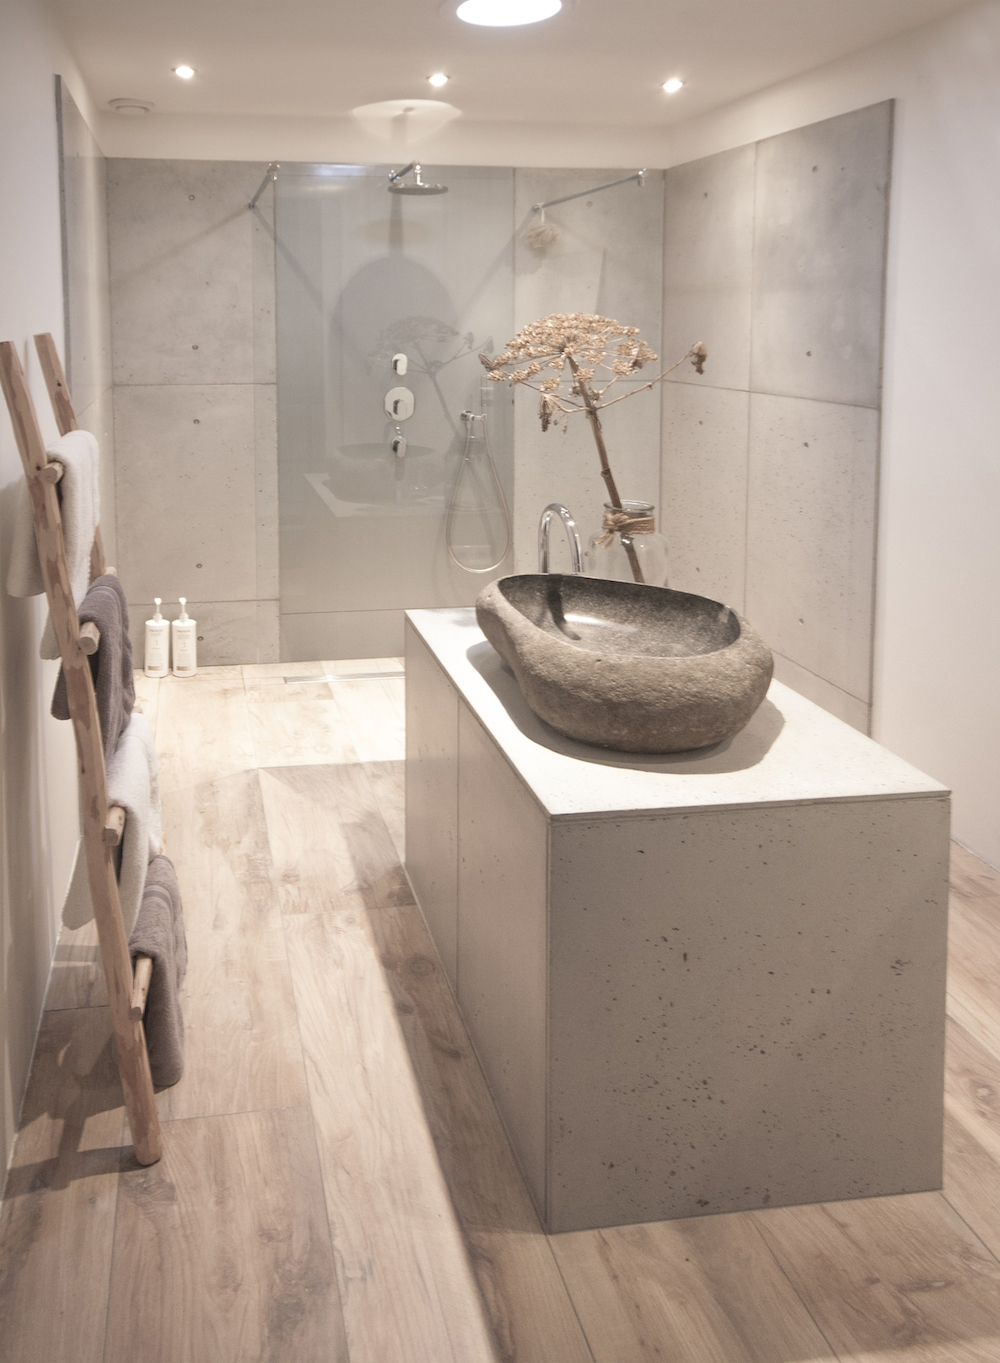 Badkamer beton badkamer ontwerp idee n voor uw huis samen met meubels die het - Badkamer was beton prijs ...